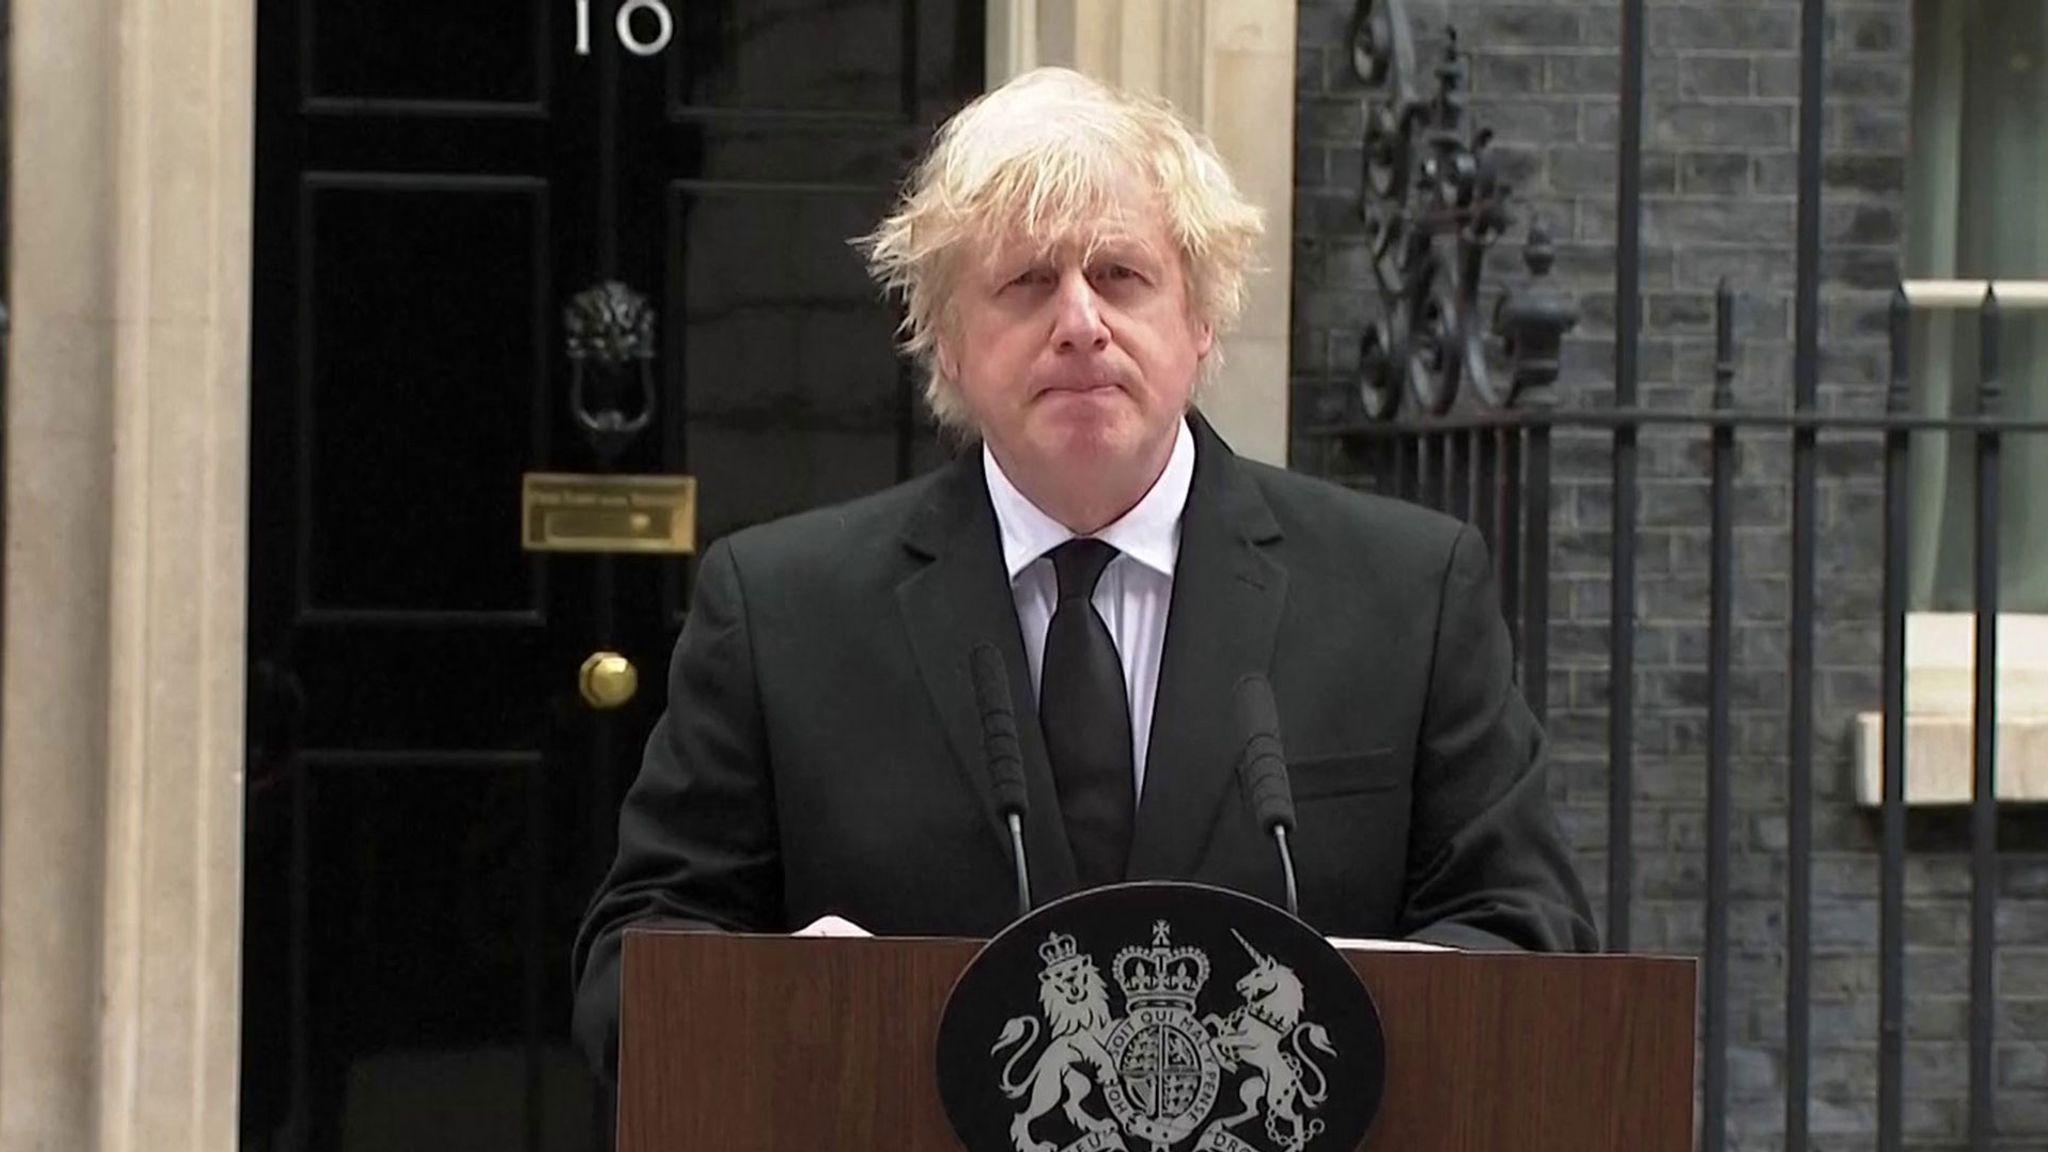 اتهام جدید نخست وزیر بریتانیا: درخواست کمک مالی برای استخدام پرستار کودکش